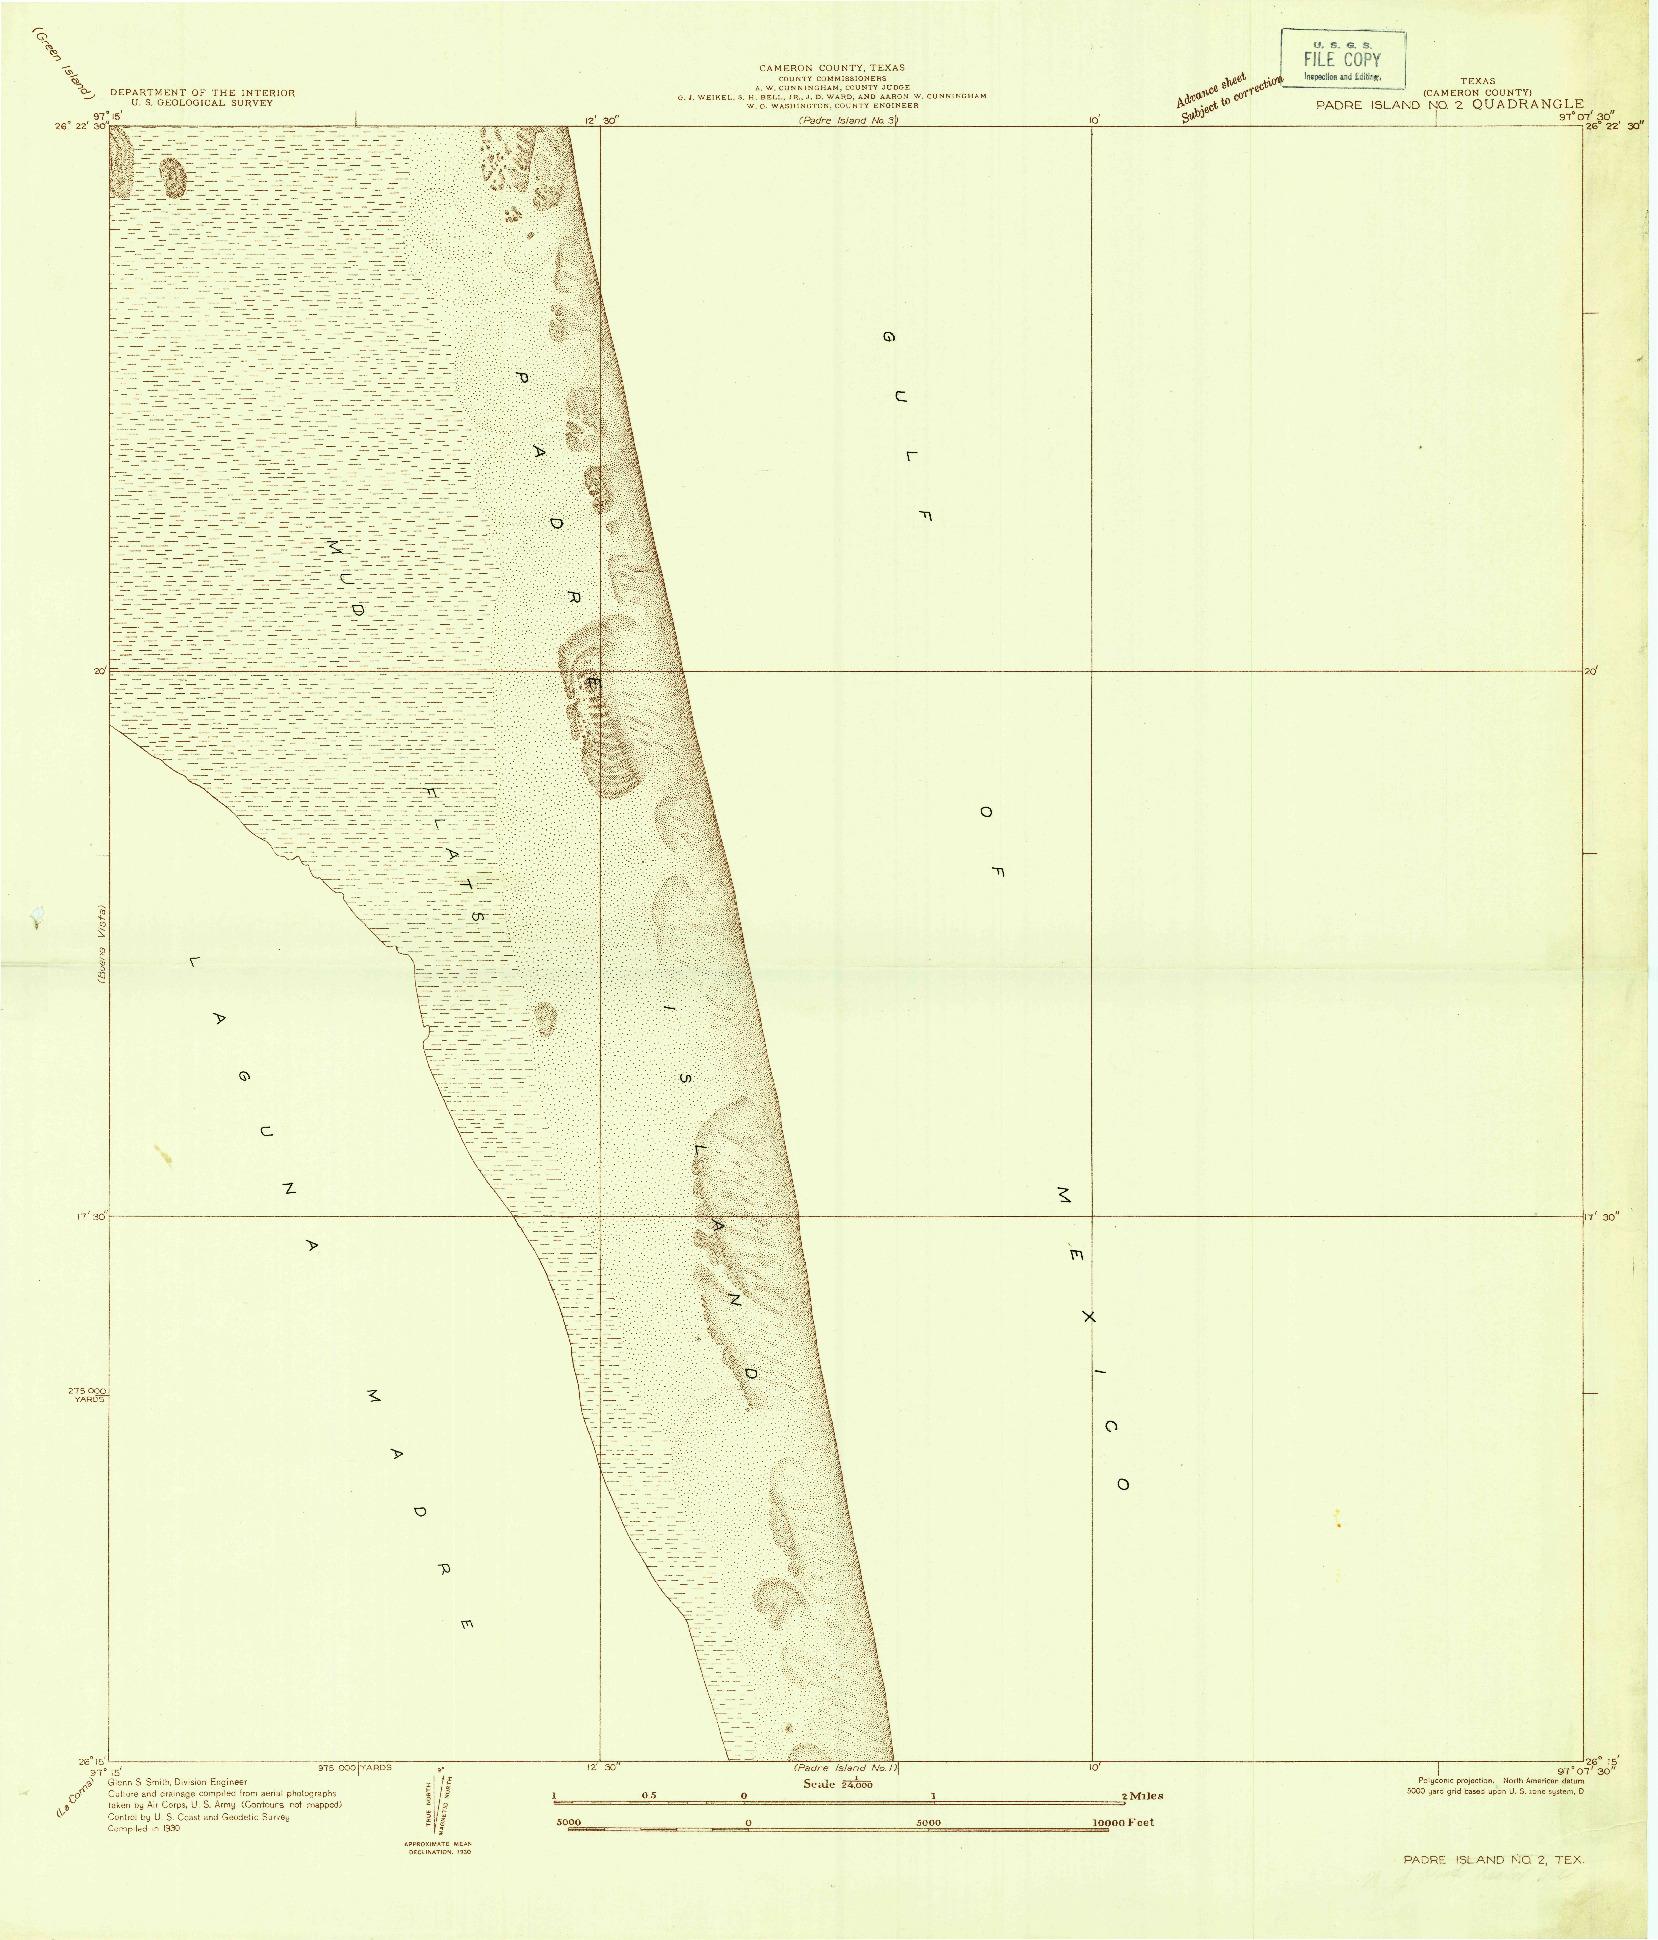 USGS 1:24000-SCALE QUADRANGLE FOR PADRE ISLAND NO. 2, TX 1930